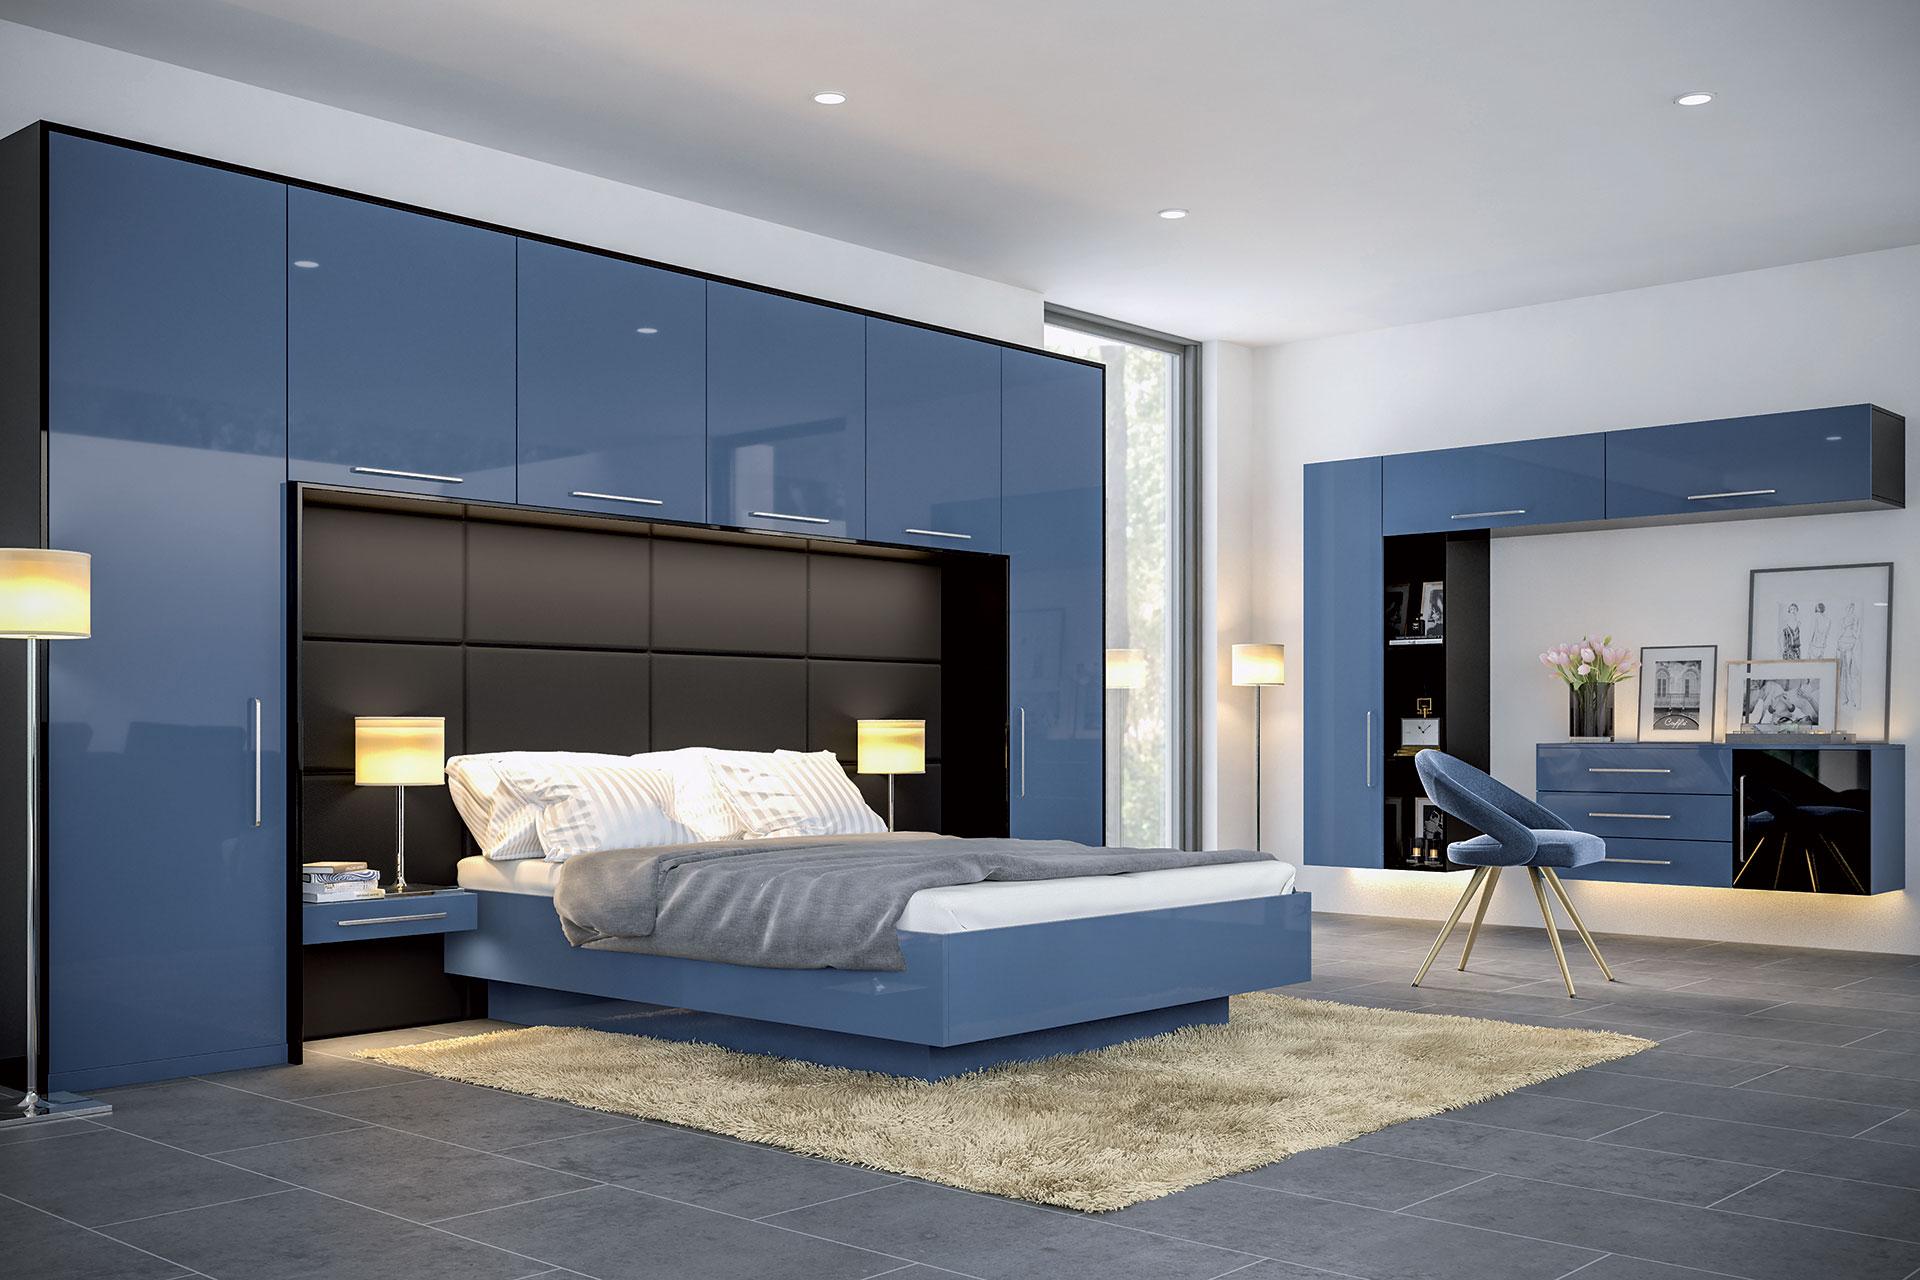 Home - Kitchens & Bedroom Design - Kitchen & Bedroom design